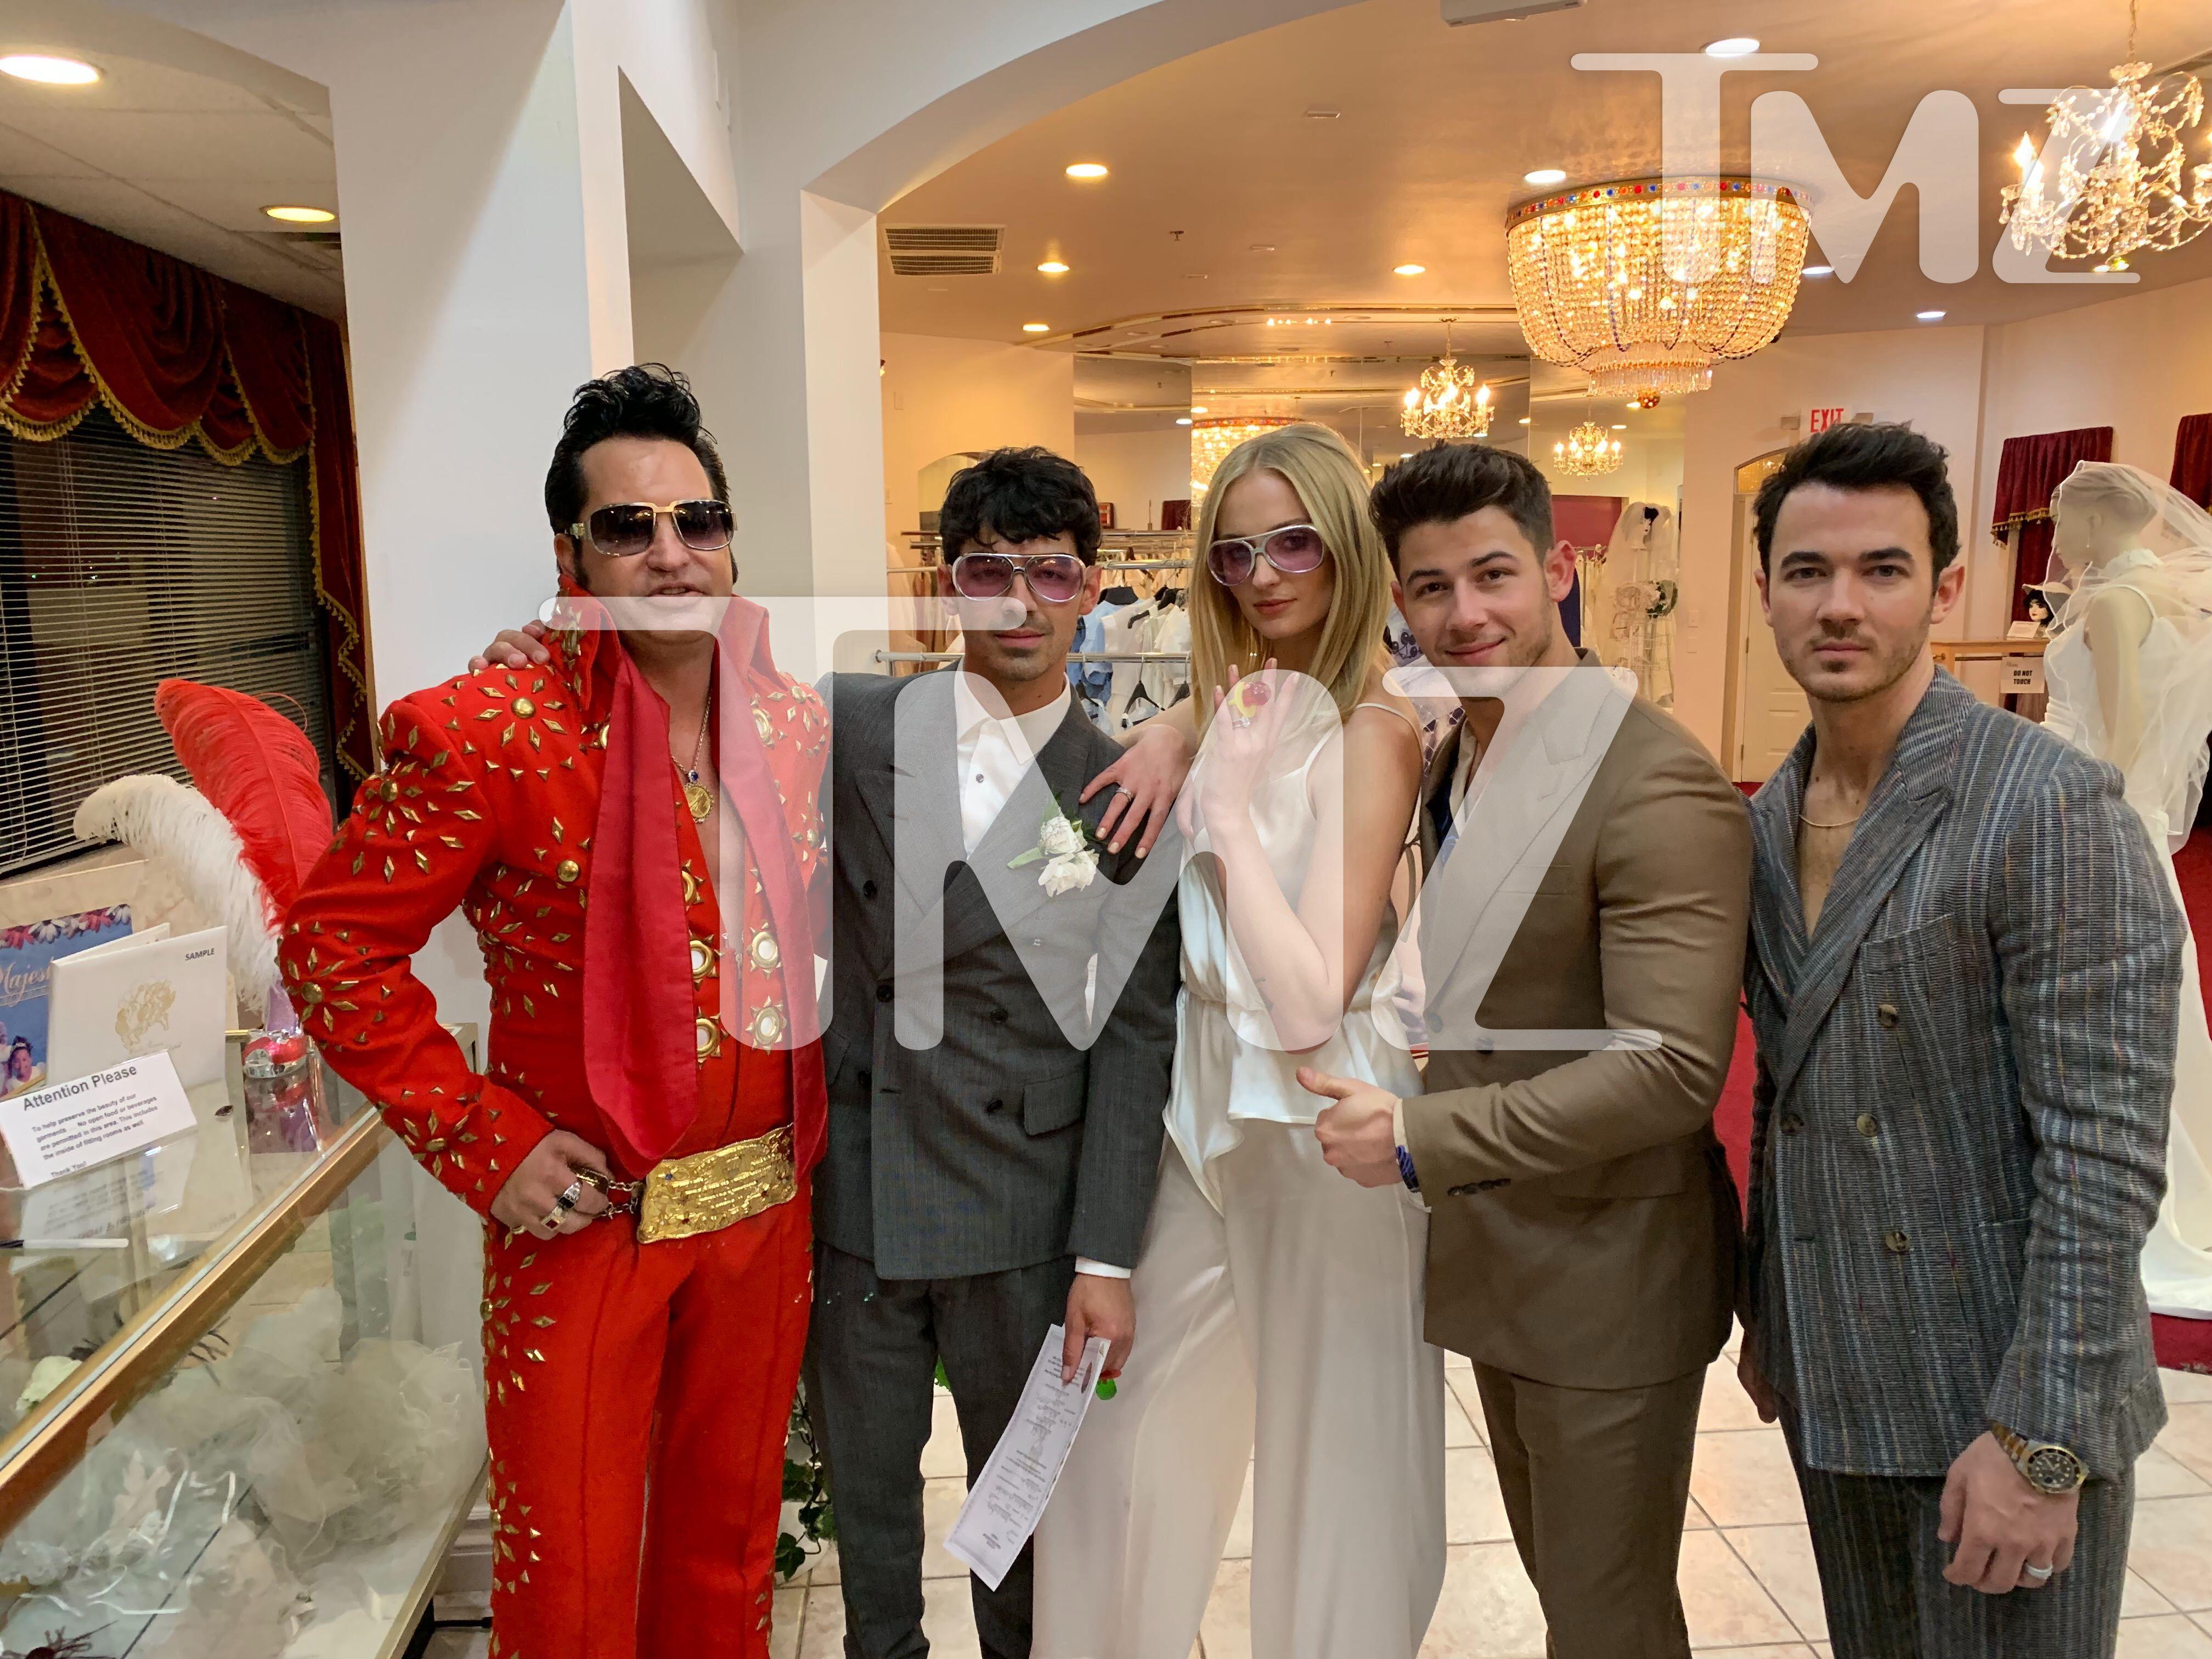 Sophie Turner & Joe Jonas Got Married in Las Vegas After the